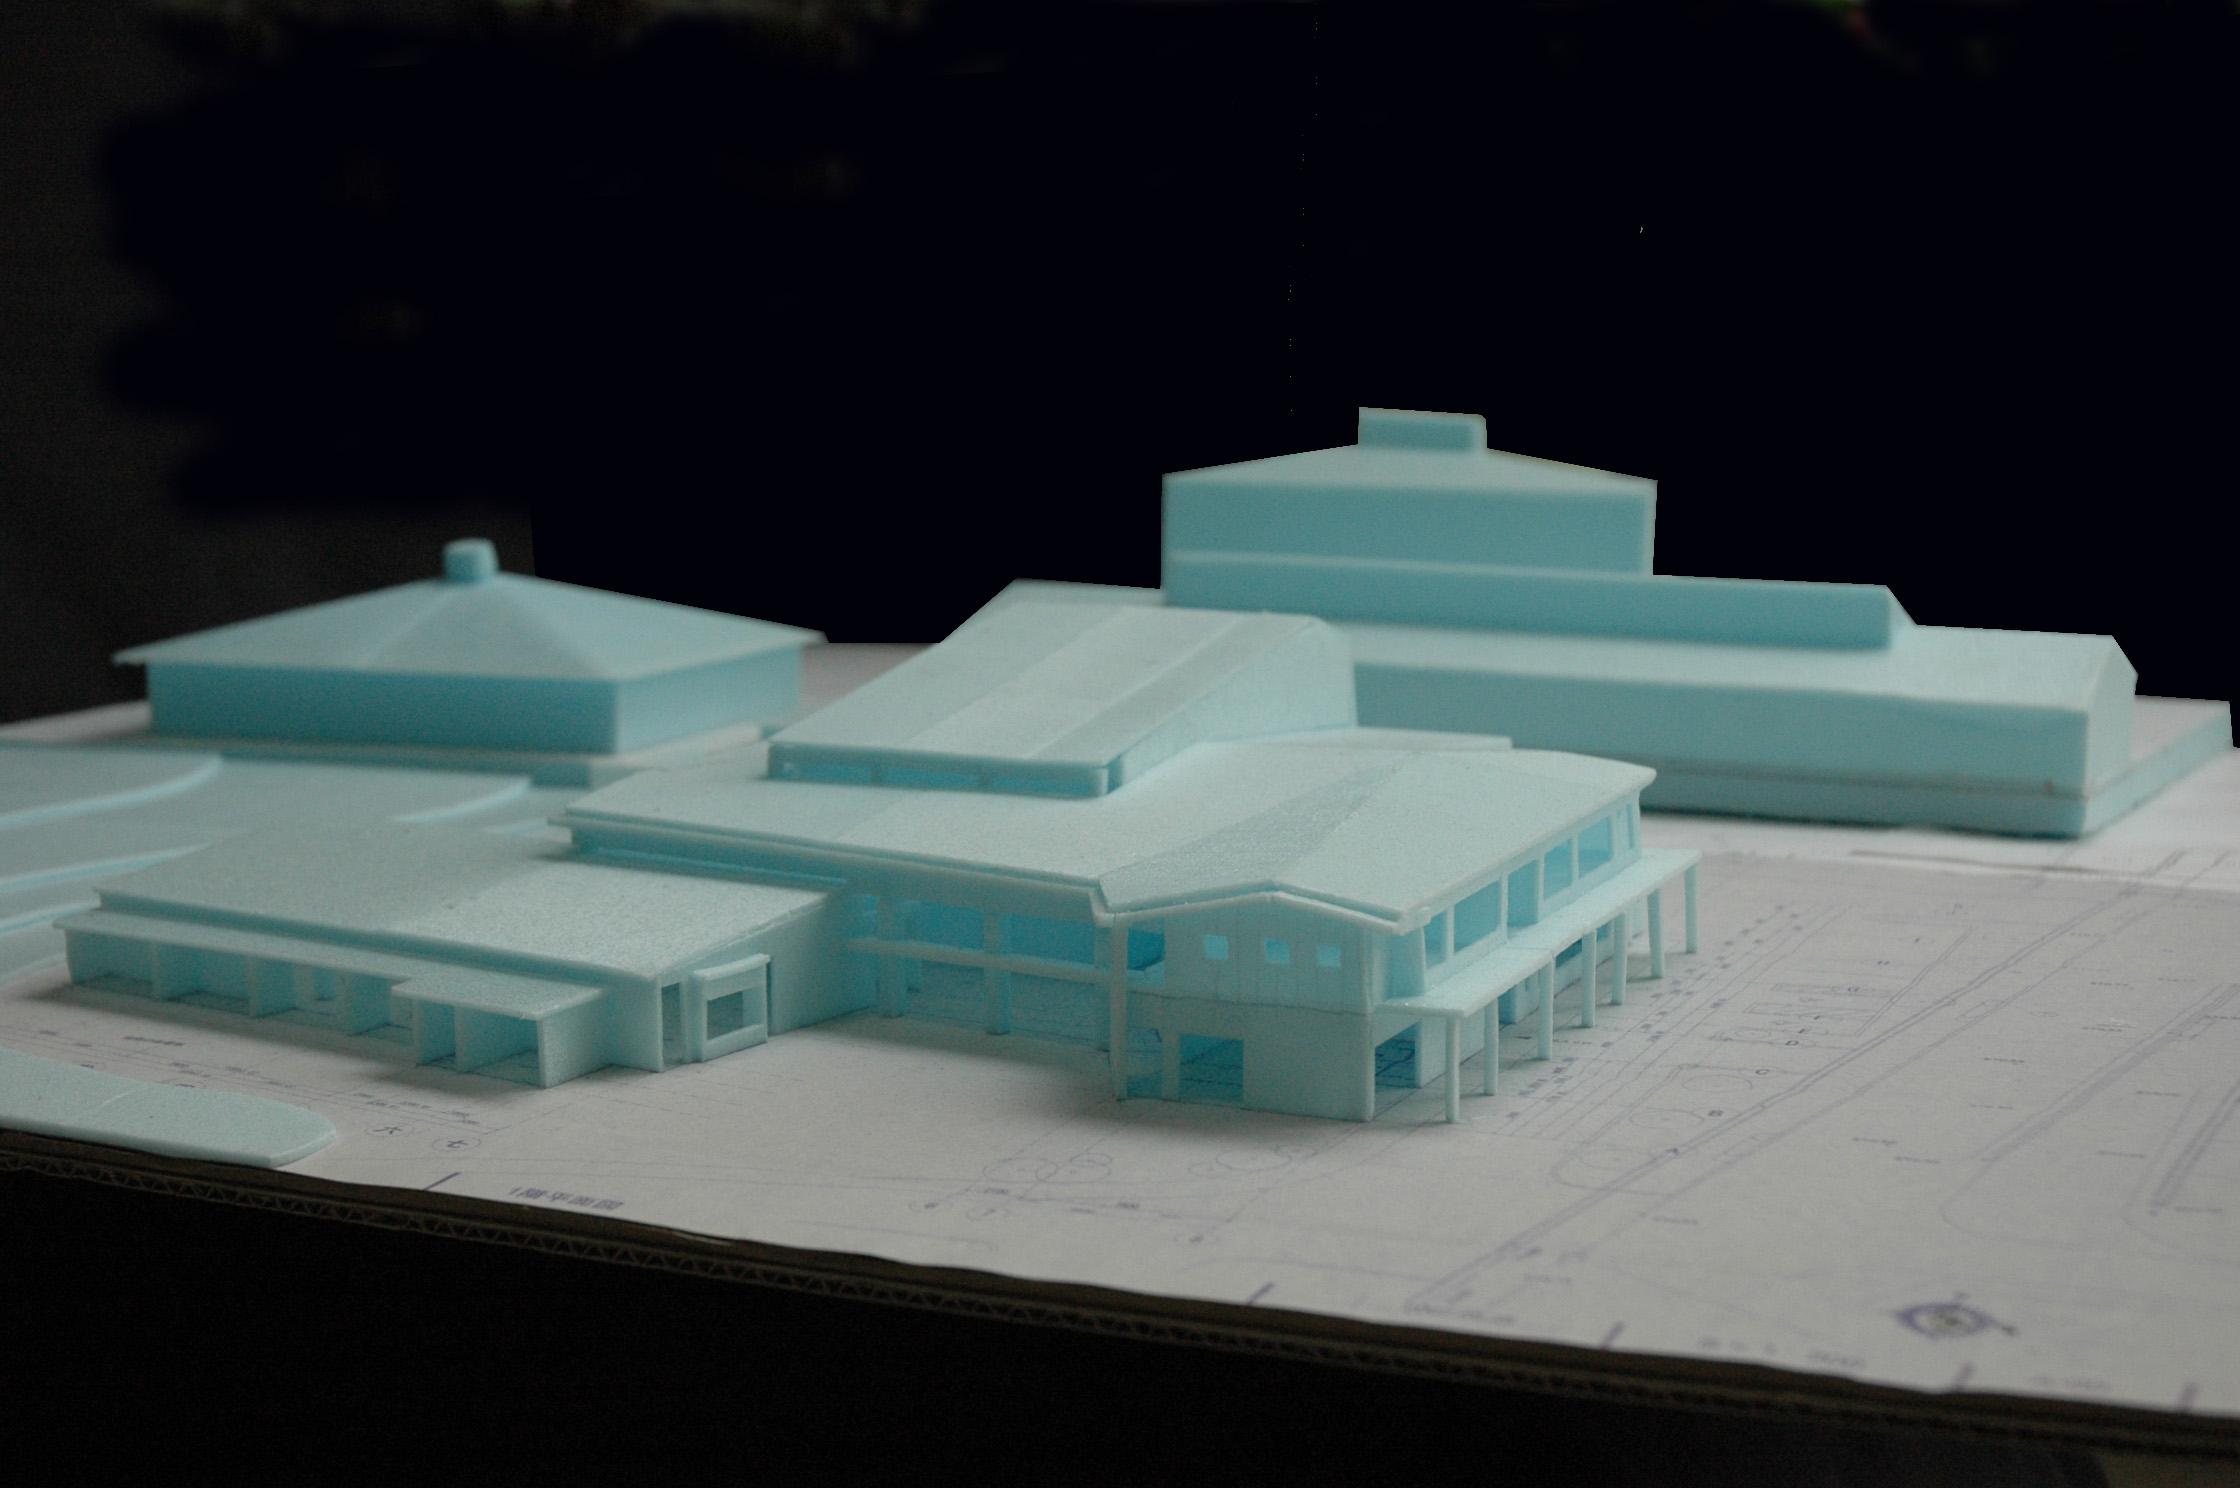 松川村多目的文化施設の設計報告会を行いました_d0097795_15465265.jpg